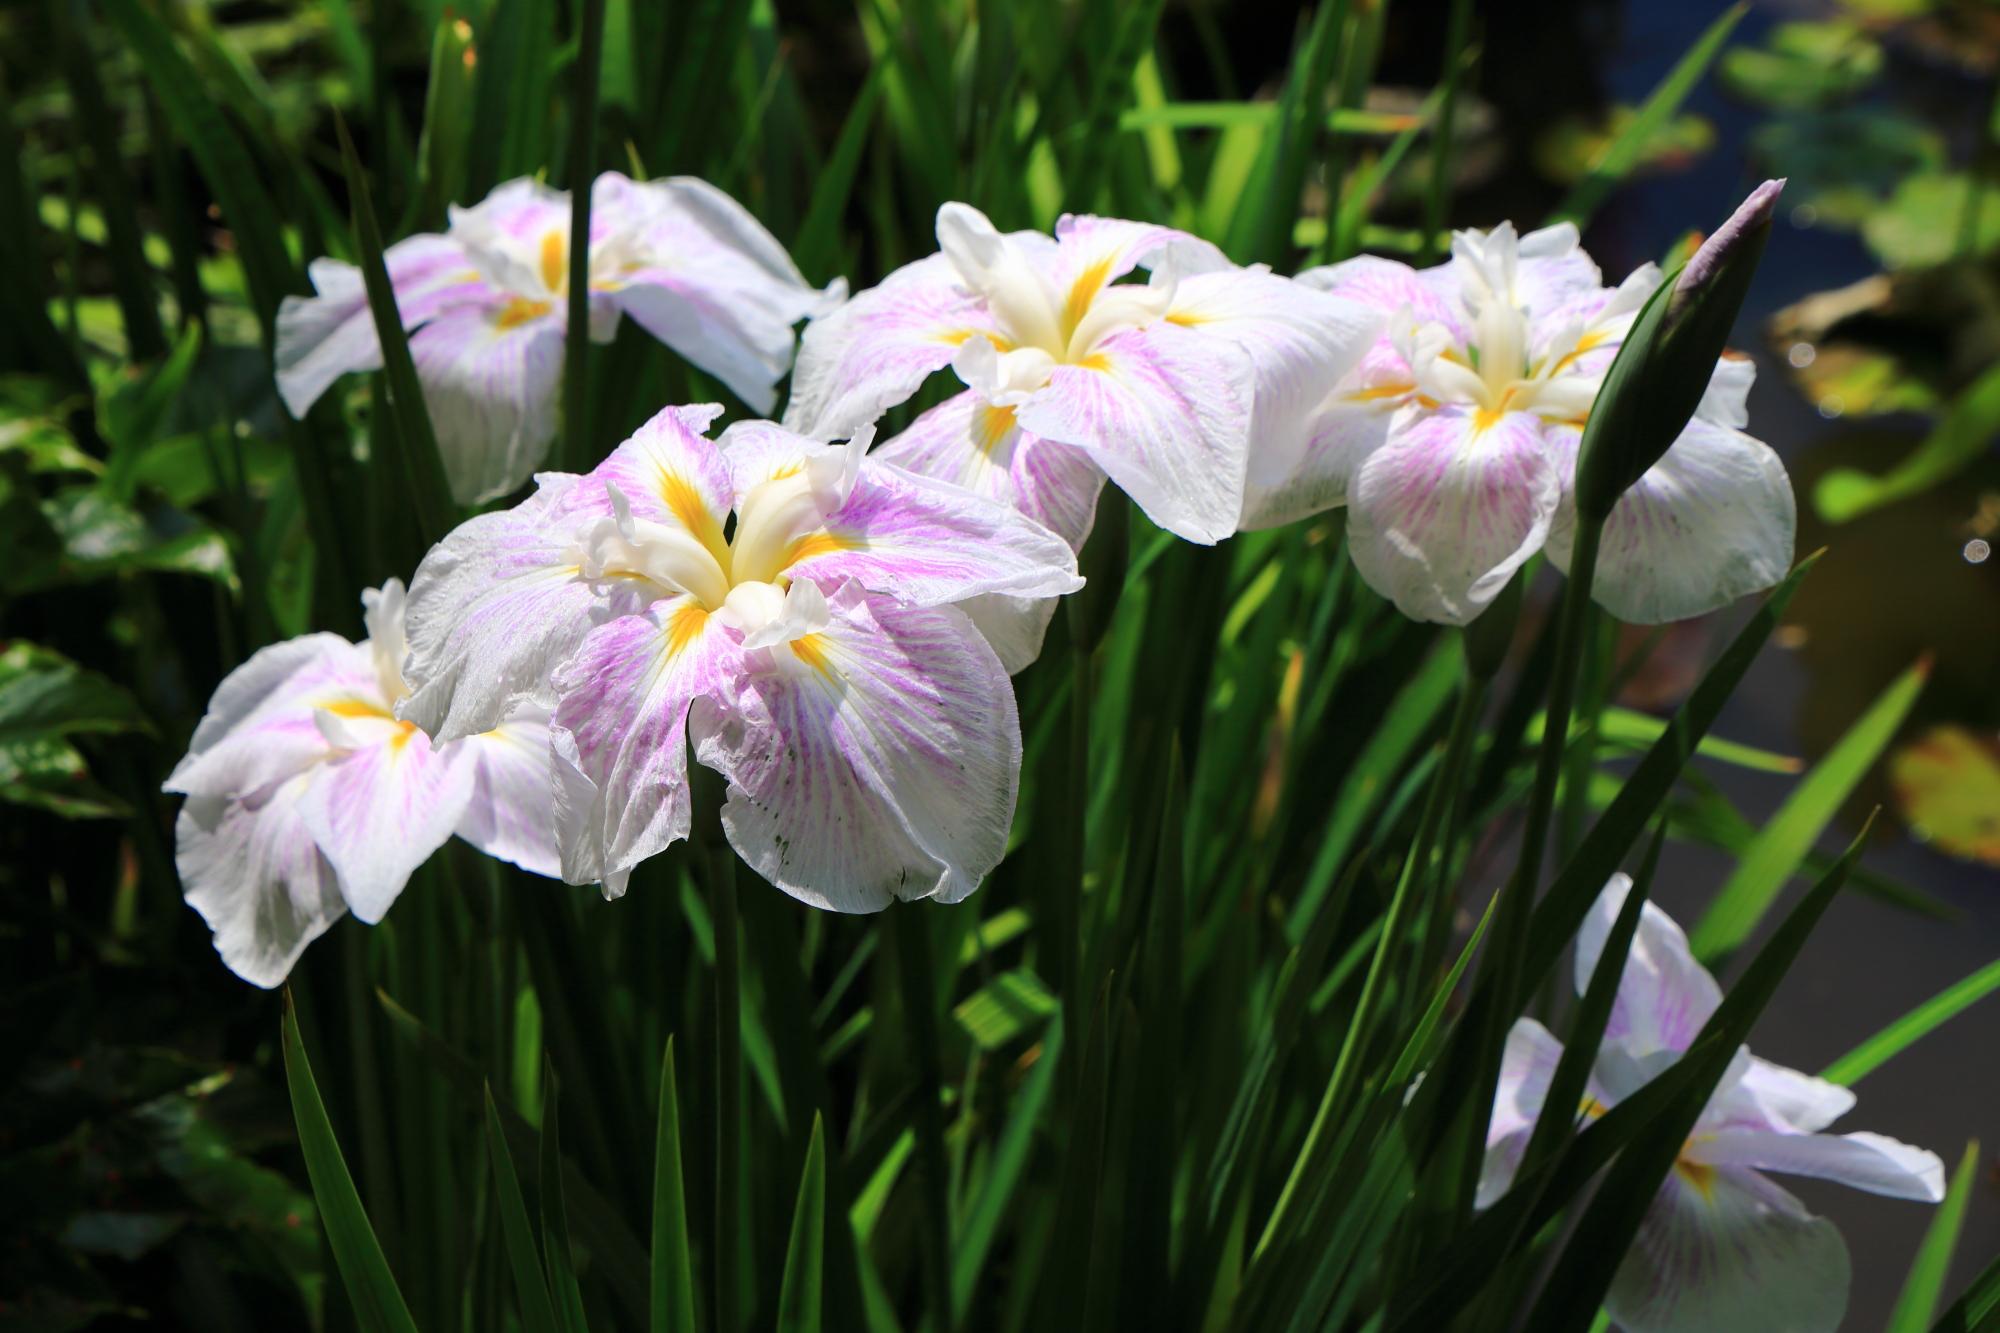 勧修寺 花菖蒲・睡蓮 初夏の水辺の華やかな彩り